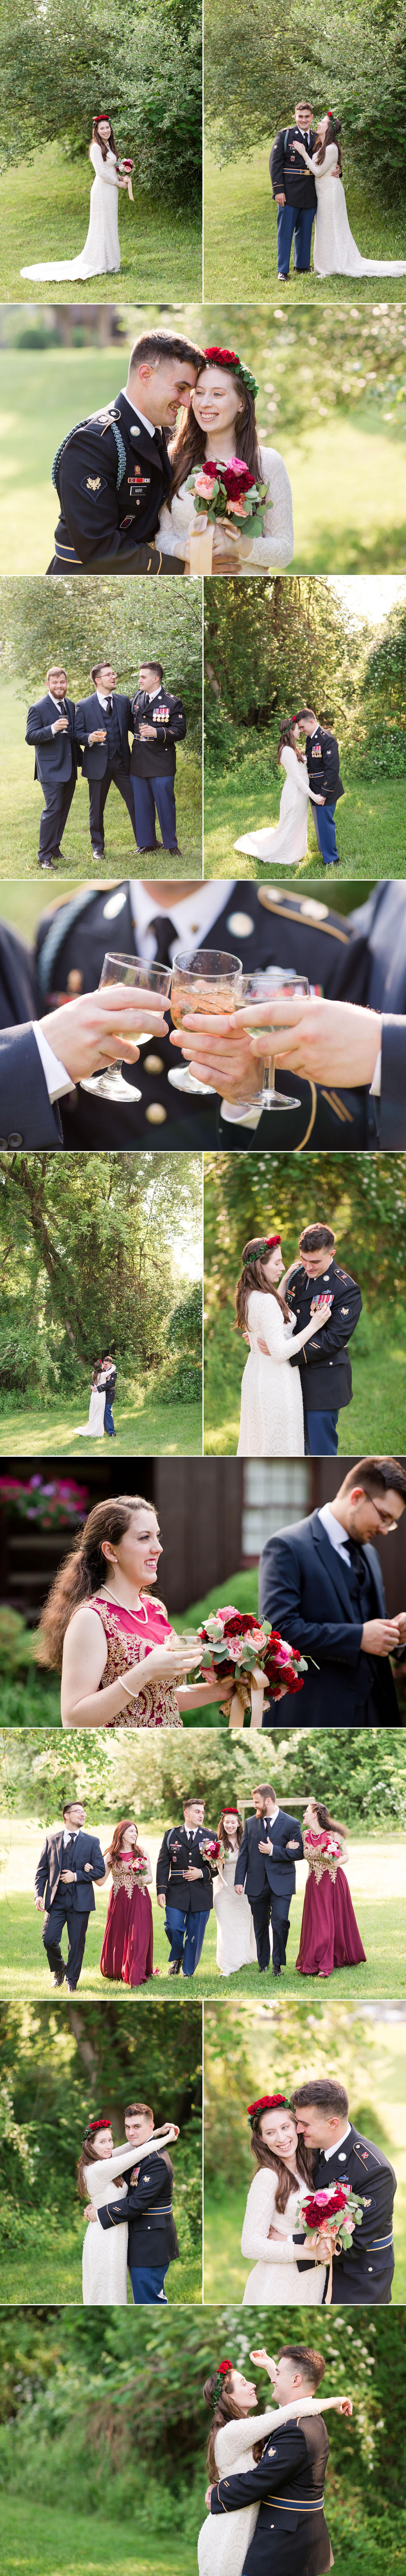 beth and aaron, melkite wedding, mcclean, va 8.jpg